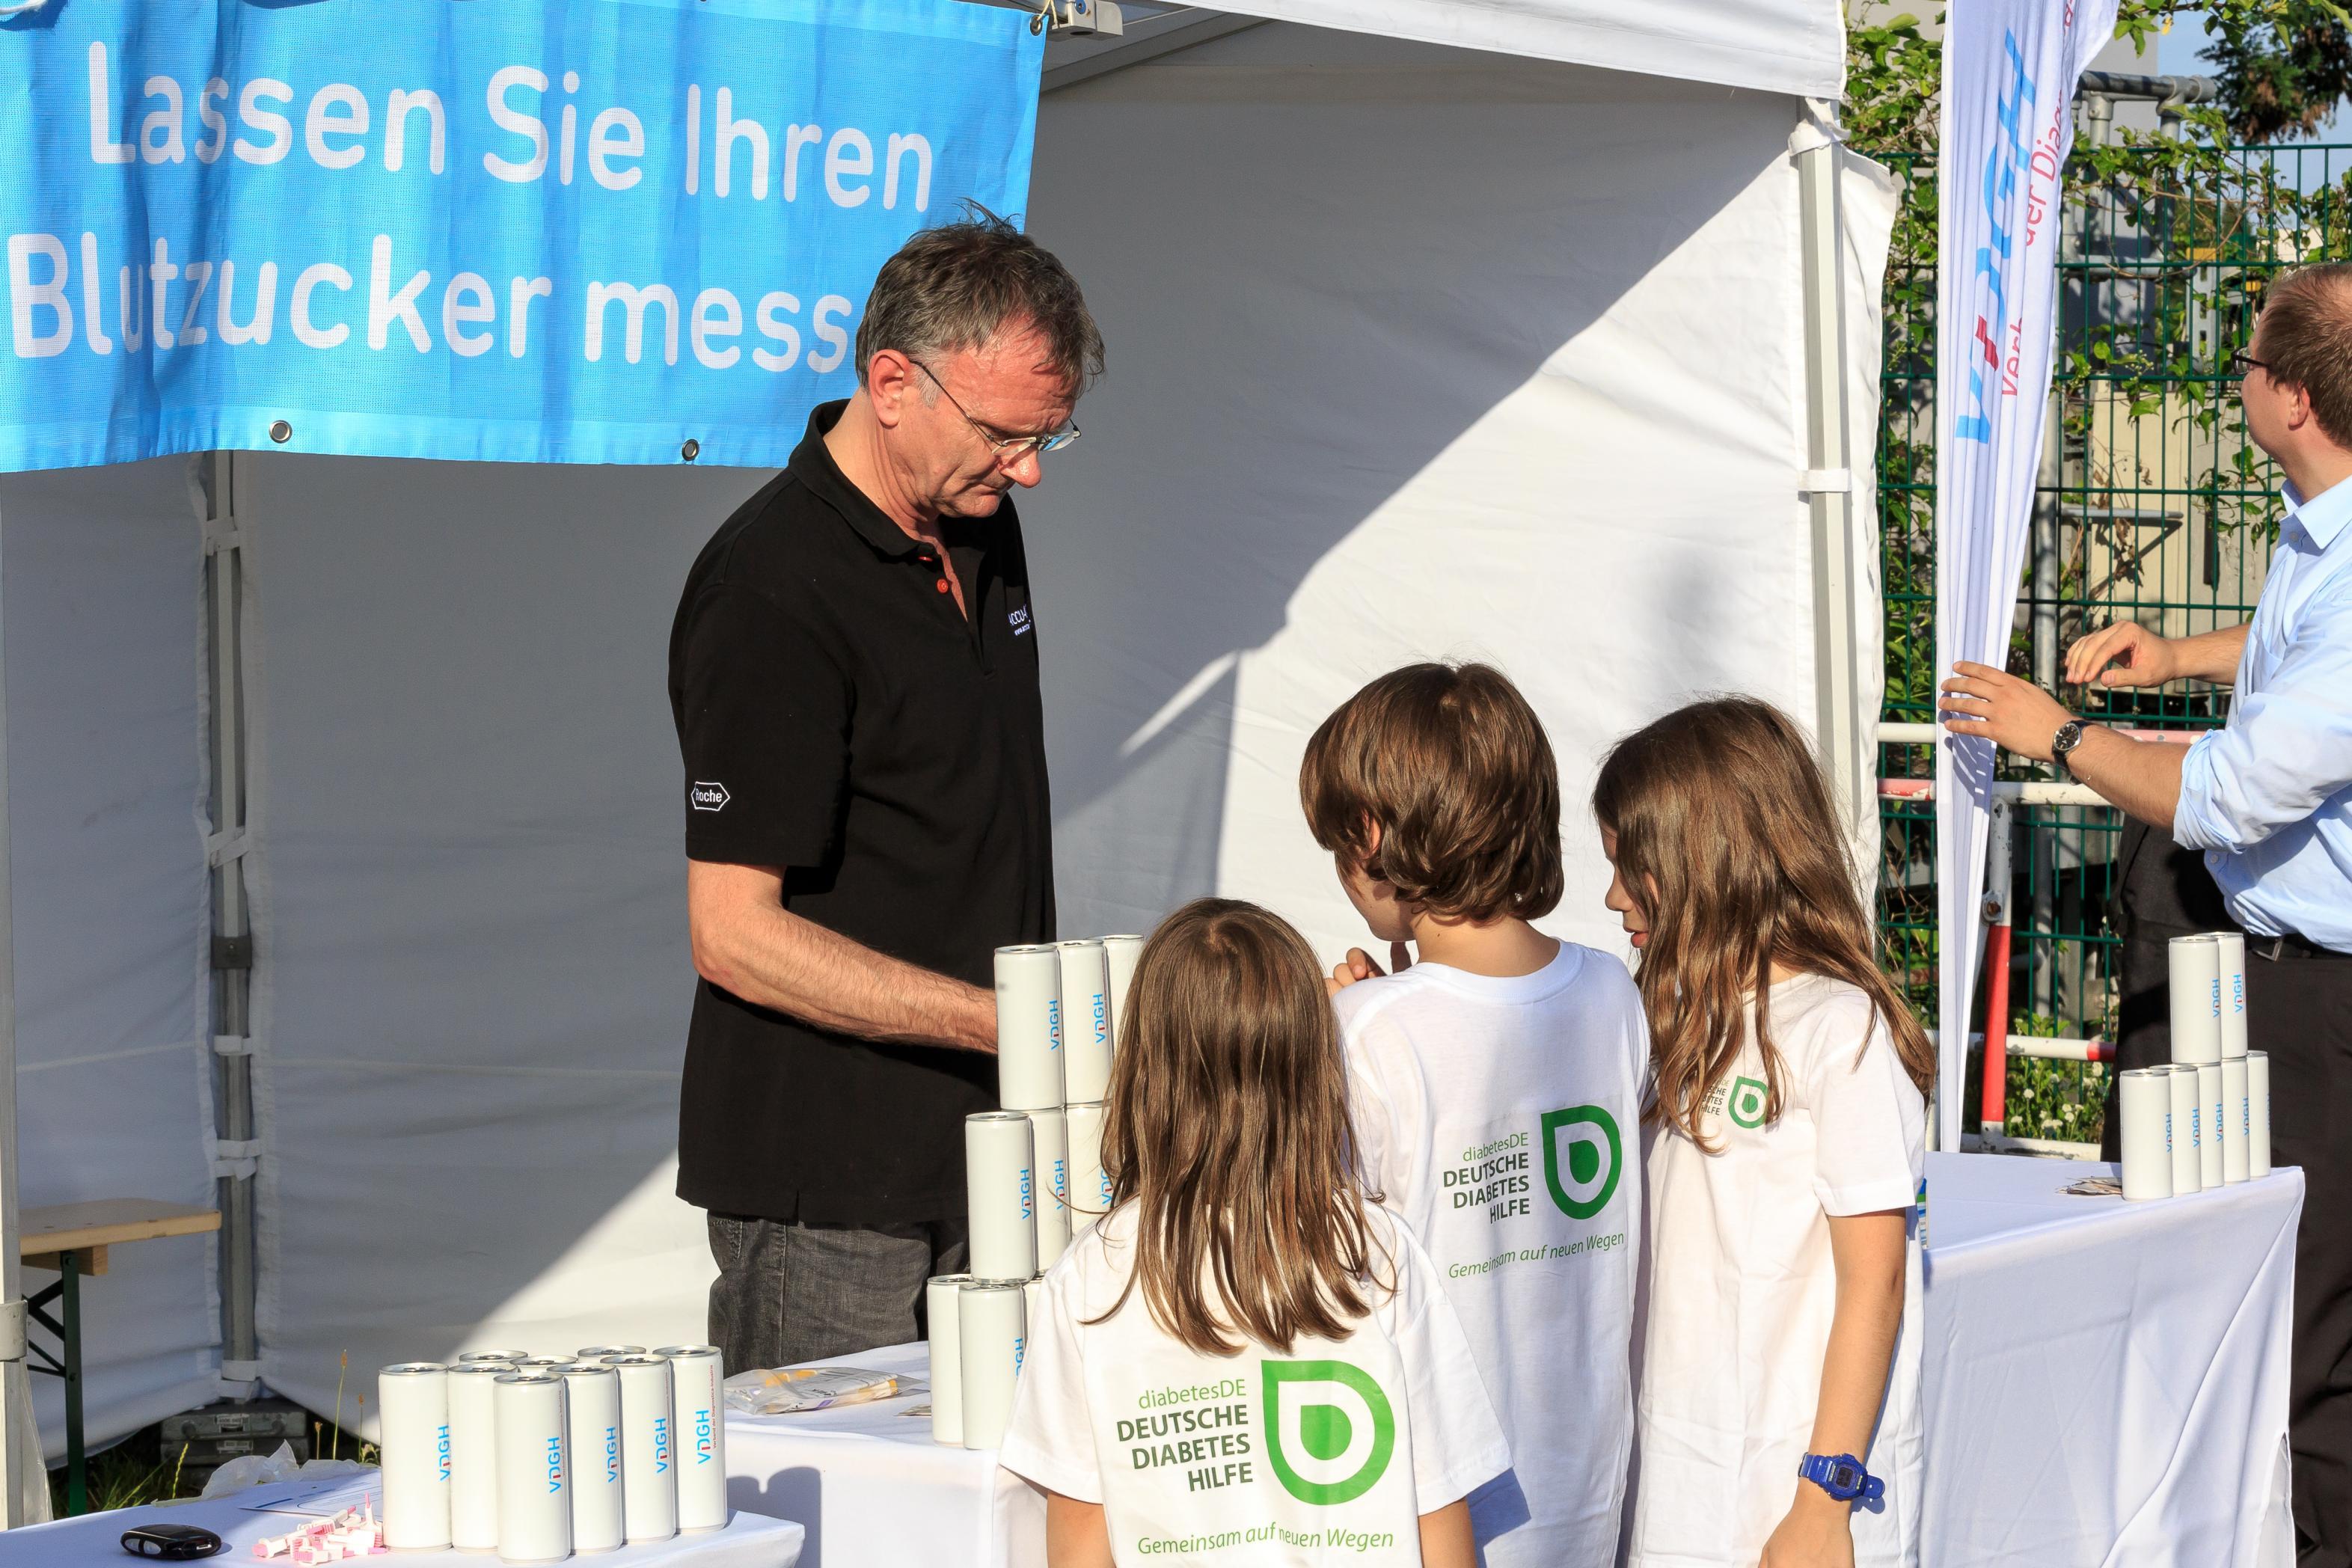 Fußballspiel FC Bundestag vs. FC Diabetologie 2017 - Auch das junge Publikum ist interessiert